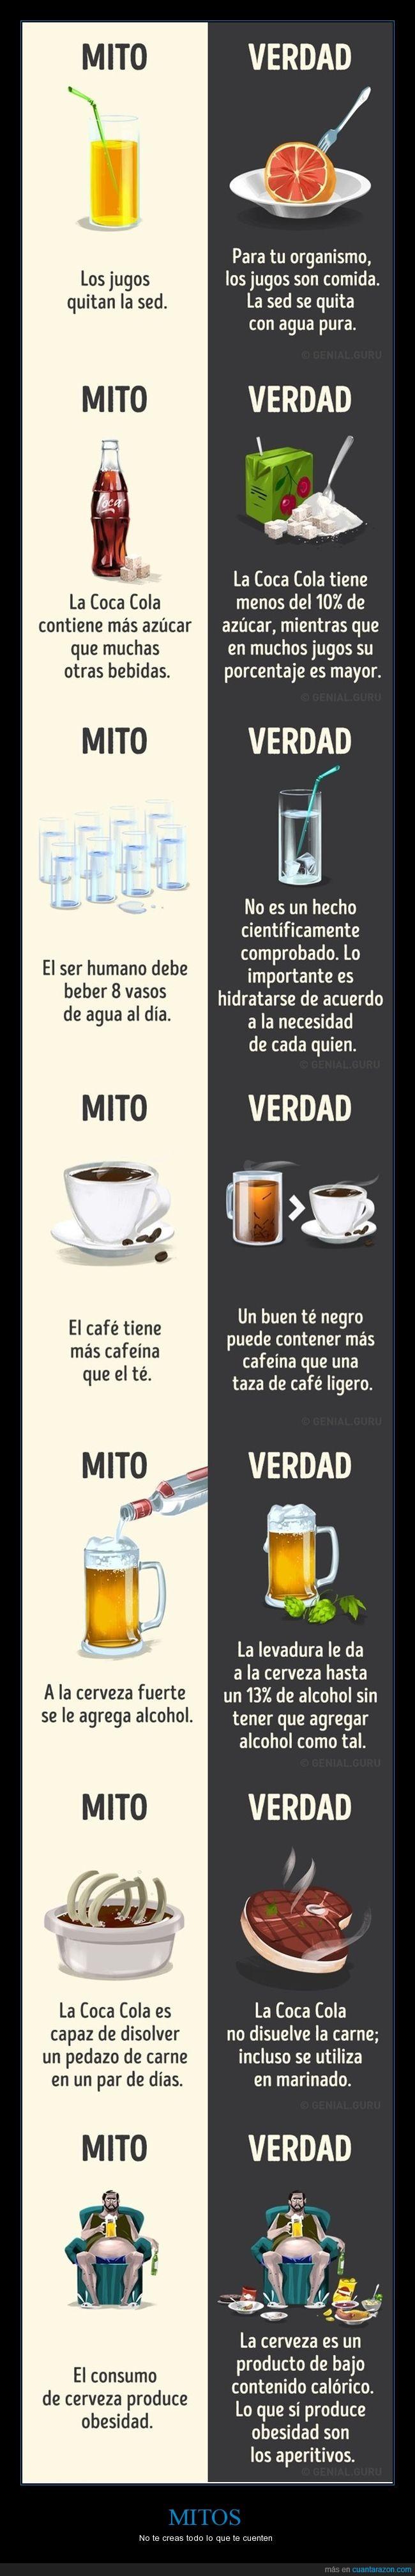 agua,cafe,cerveza,cocacola,mitos,rrah7,te,verdades